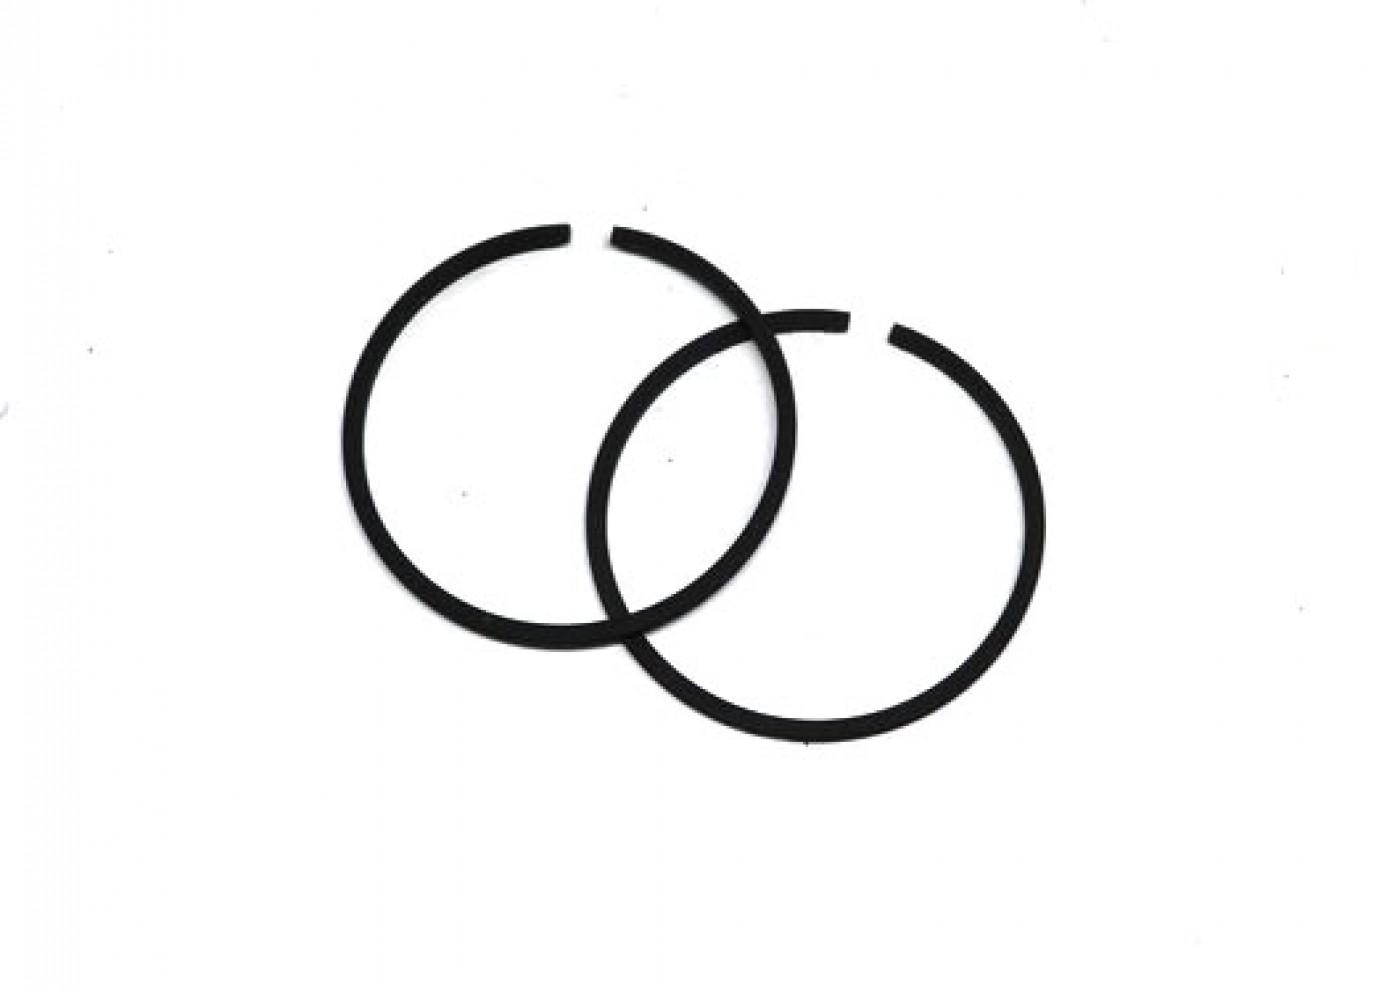 Sada pístních kroužků Stihl - 35 mm